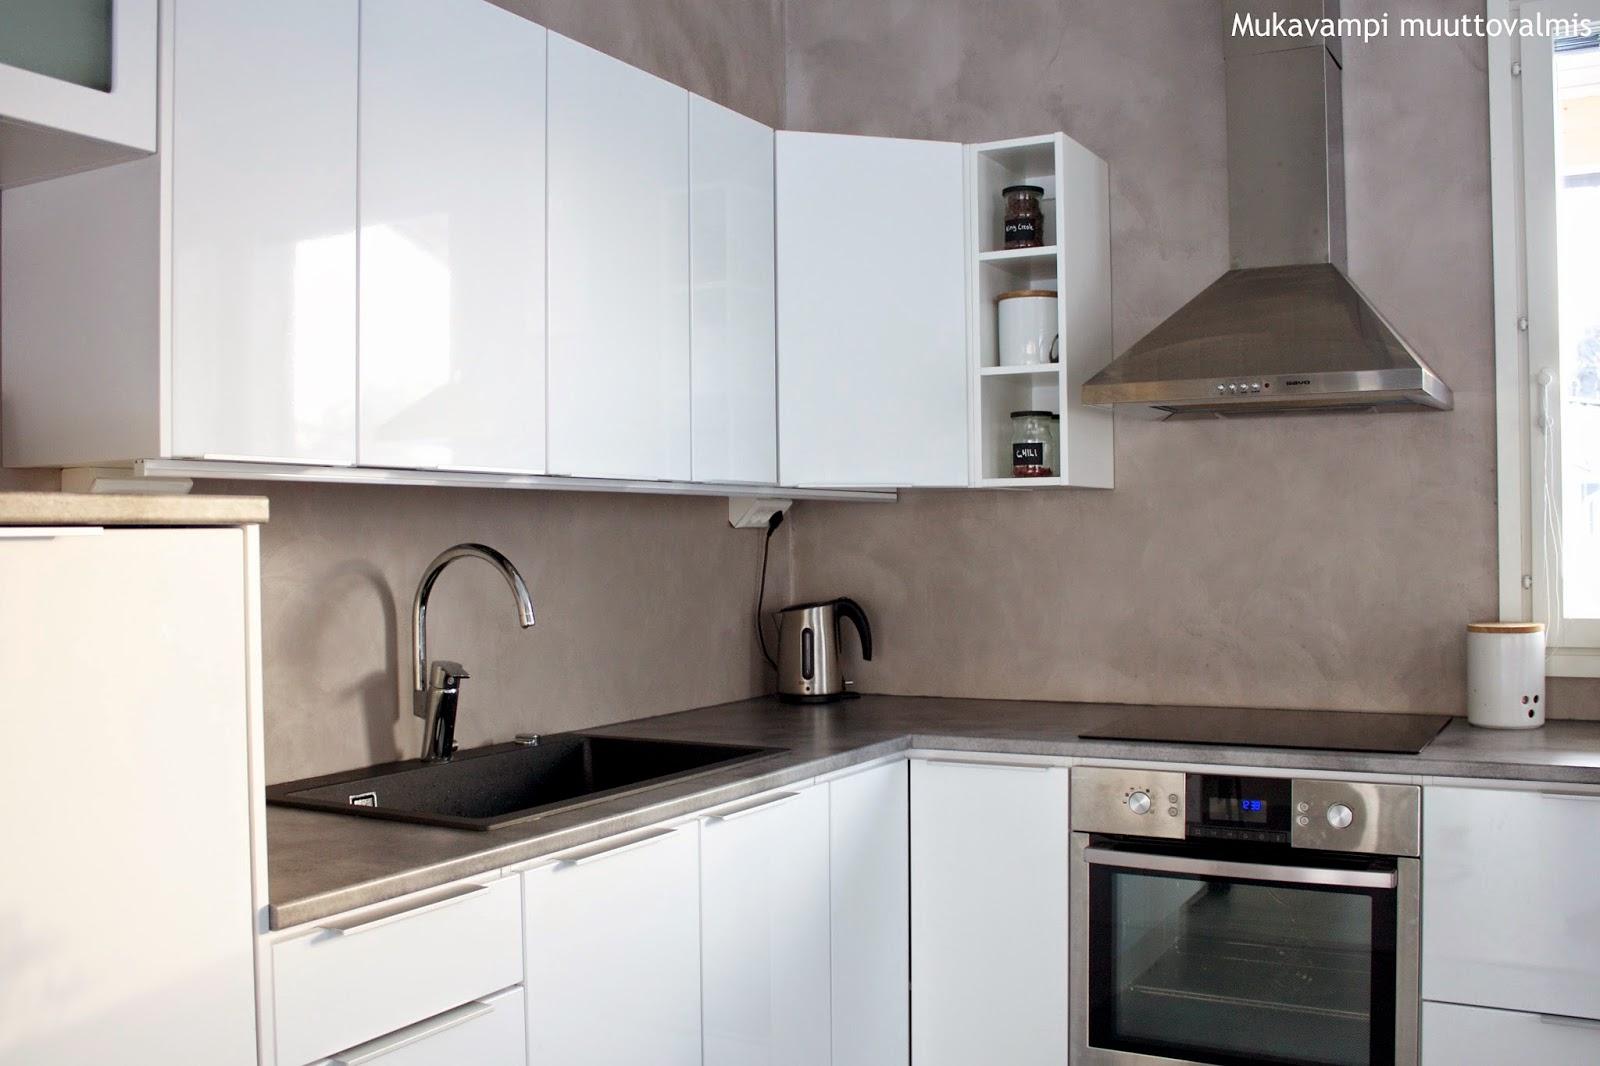 Mukavampi muuttovalmis Mikrolaasti keittiössä